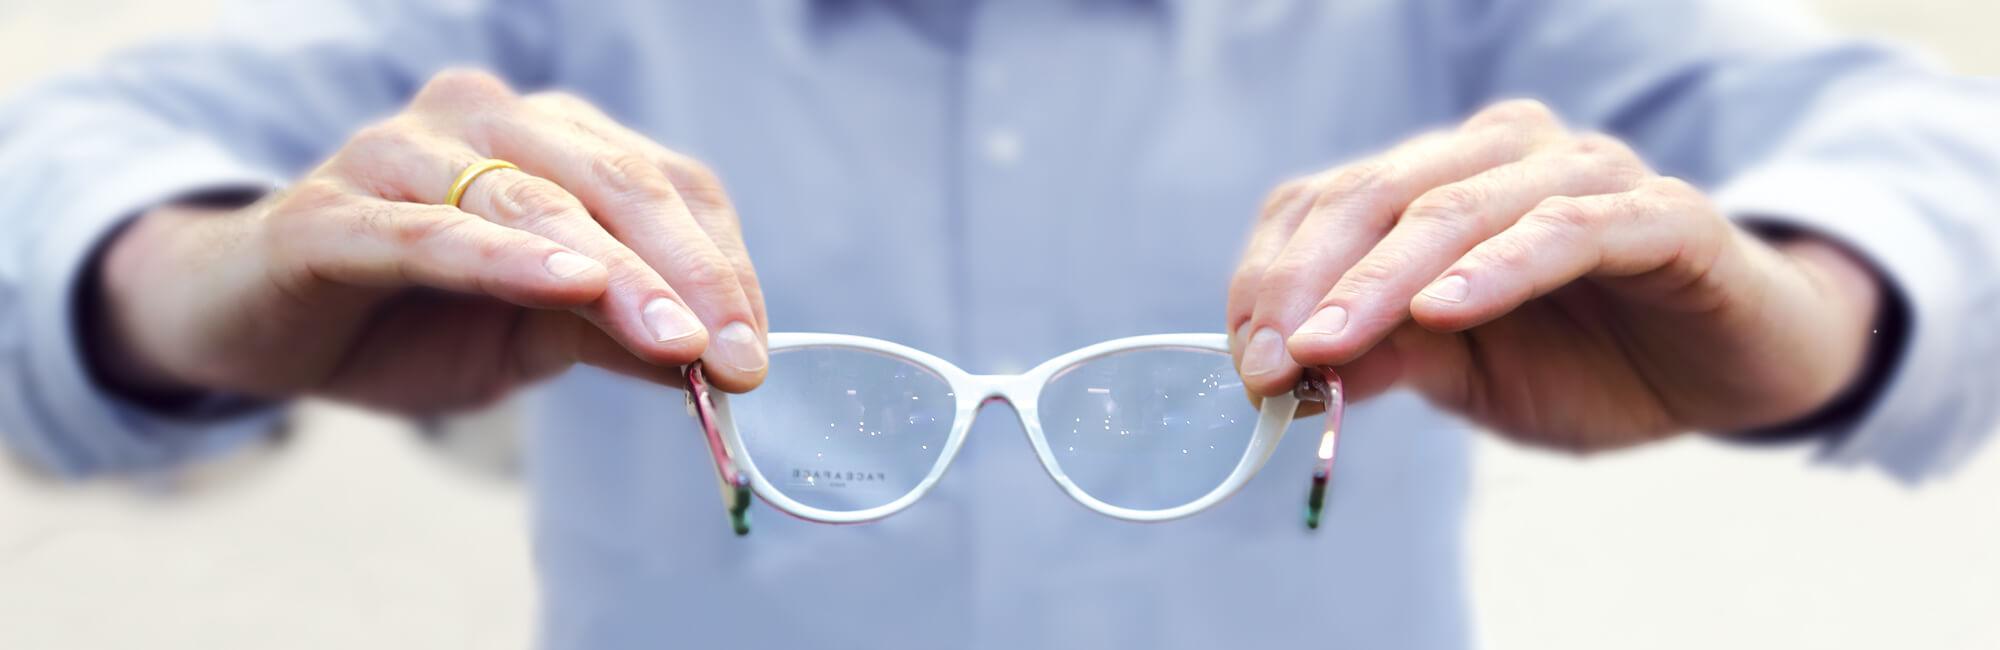 Birfelder Brillen Optiker